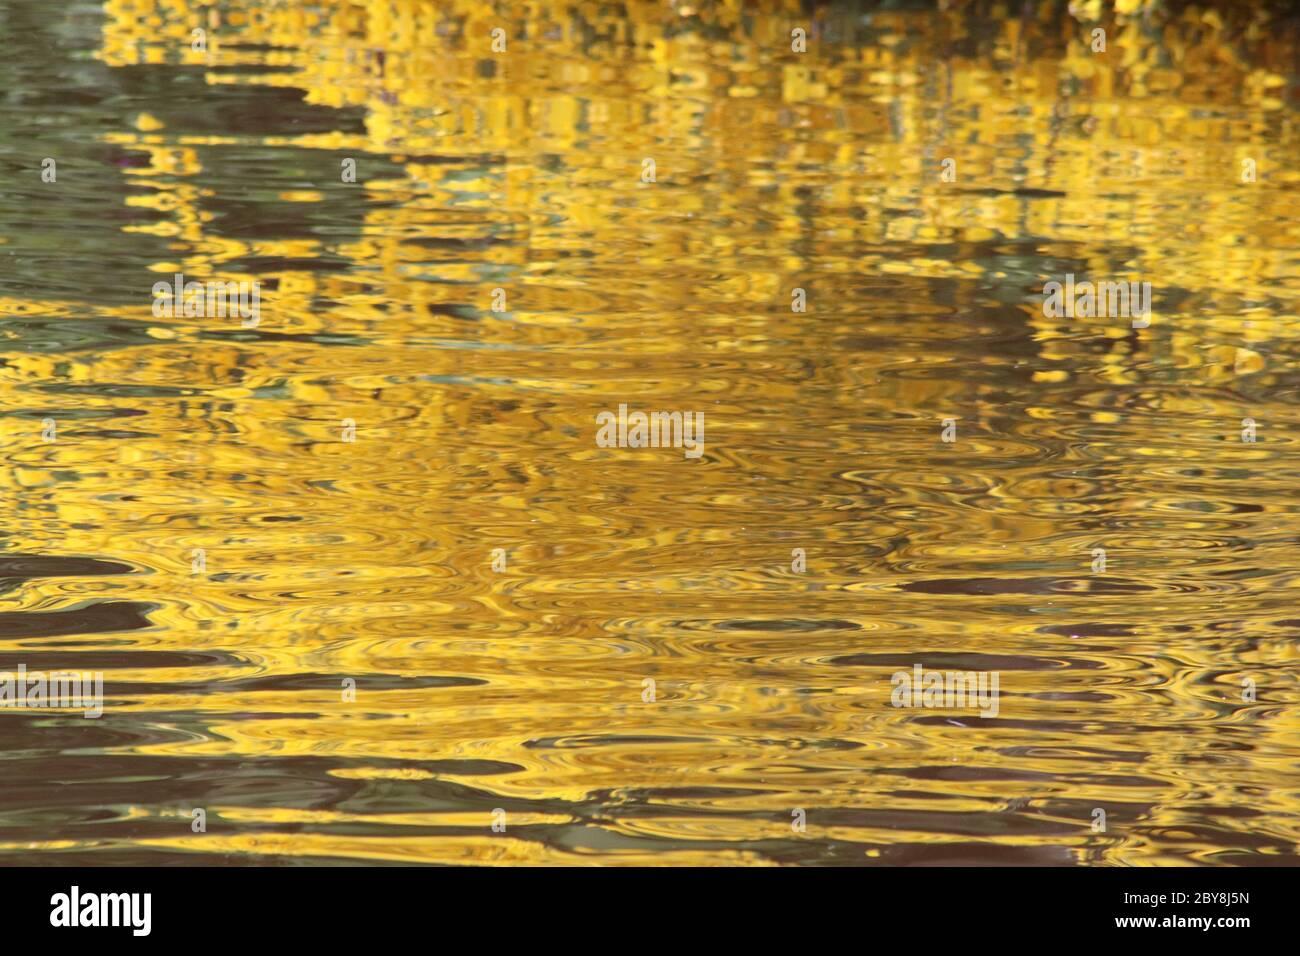 Reflejos de oro y verde en estanque Foto de stock